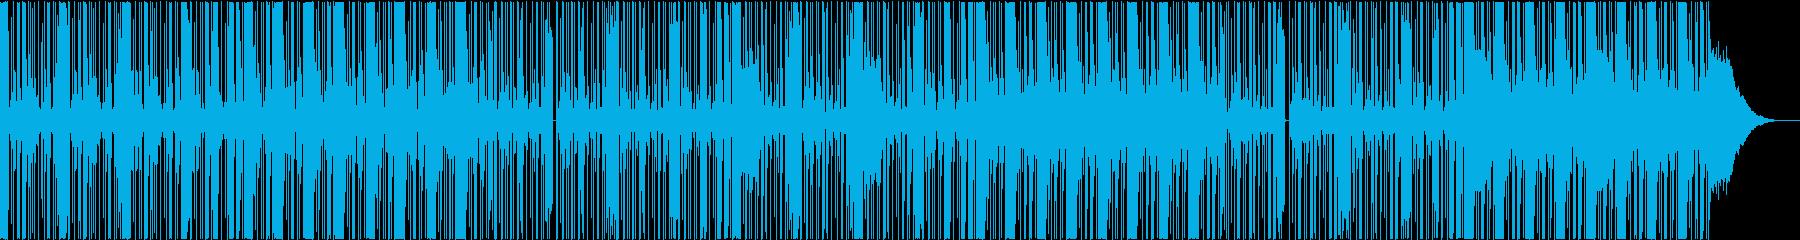 HIPHOP R&B ニューヨーク90sの再生済みの波形